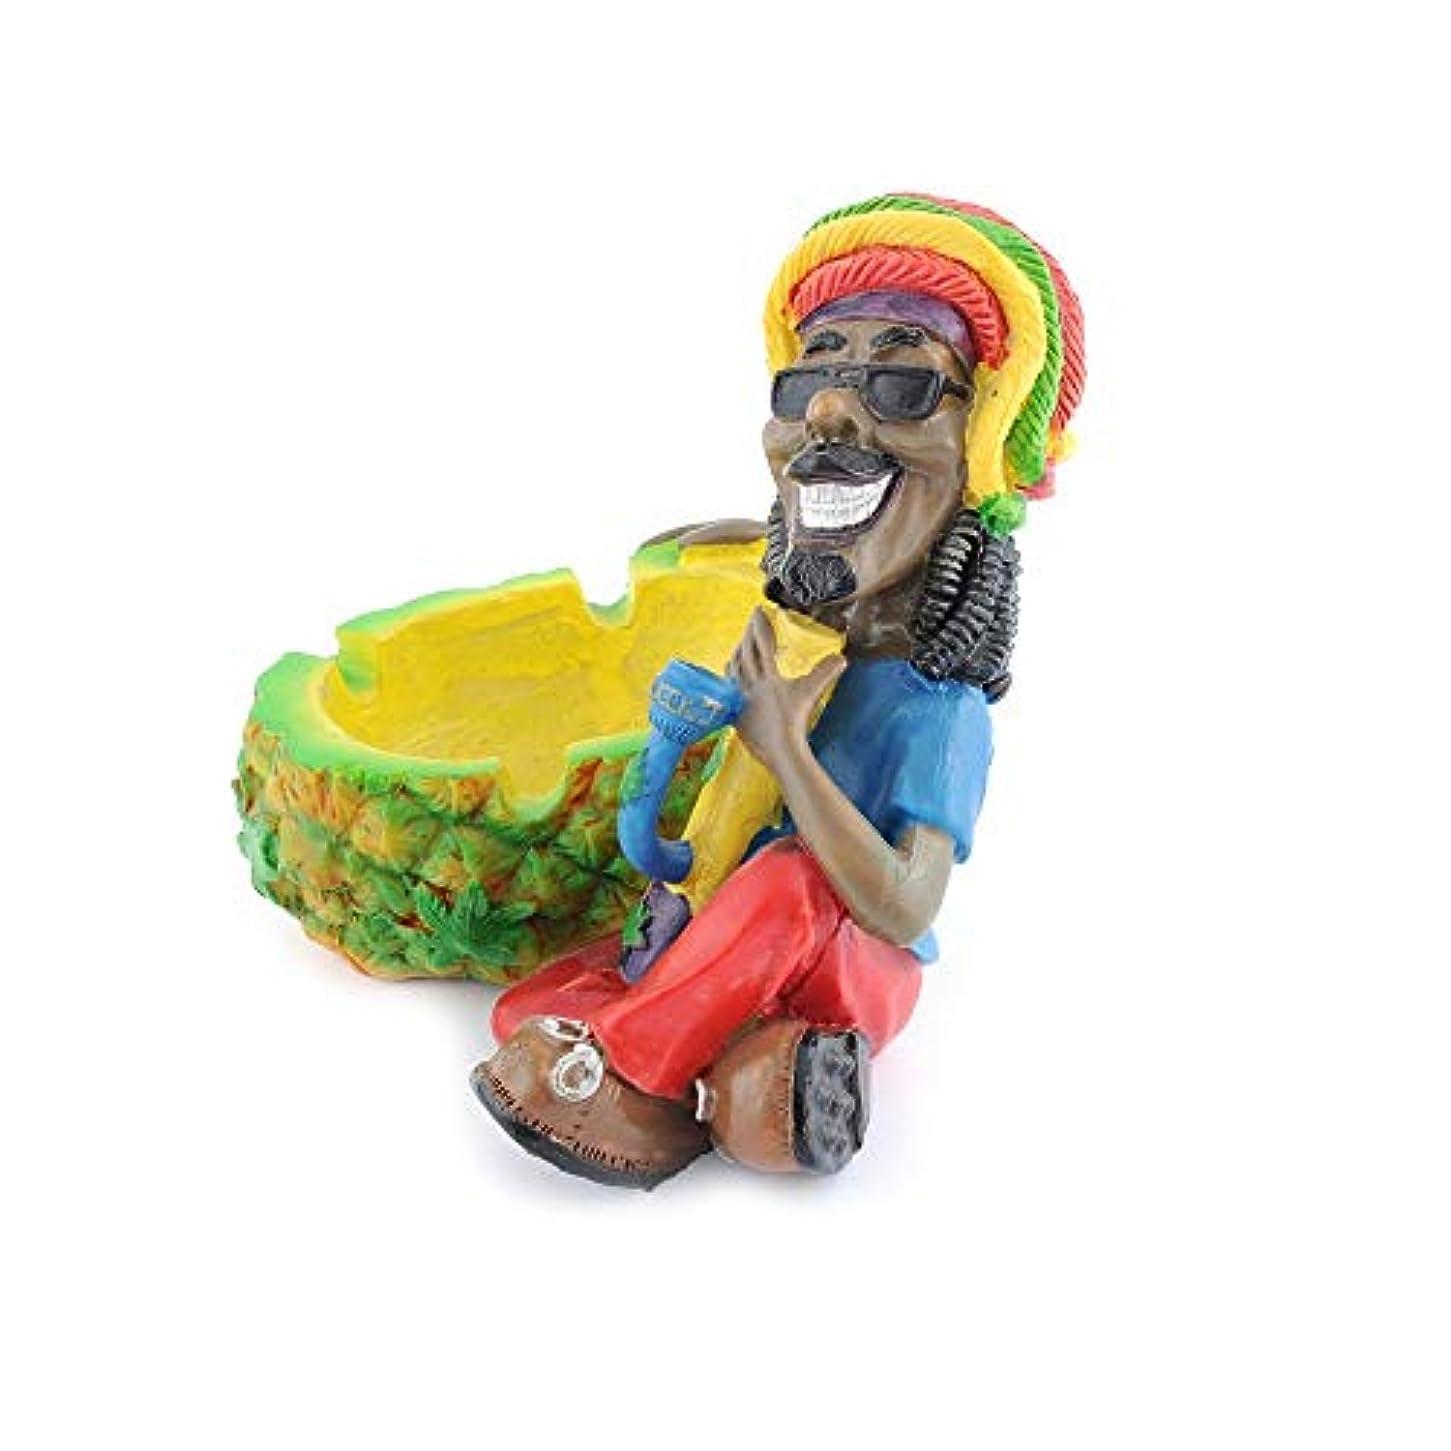 ねばねばグループ再撮りクリエイティブ樹脂製灰皿ジャマイカ型灰皿ホームデコレーション